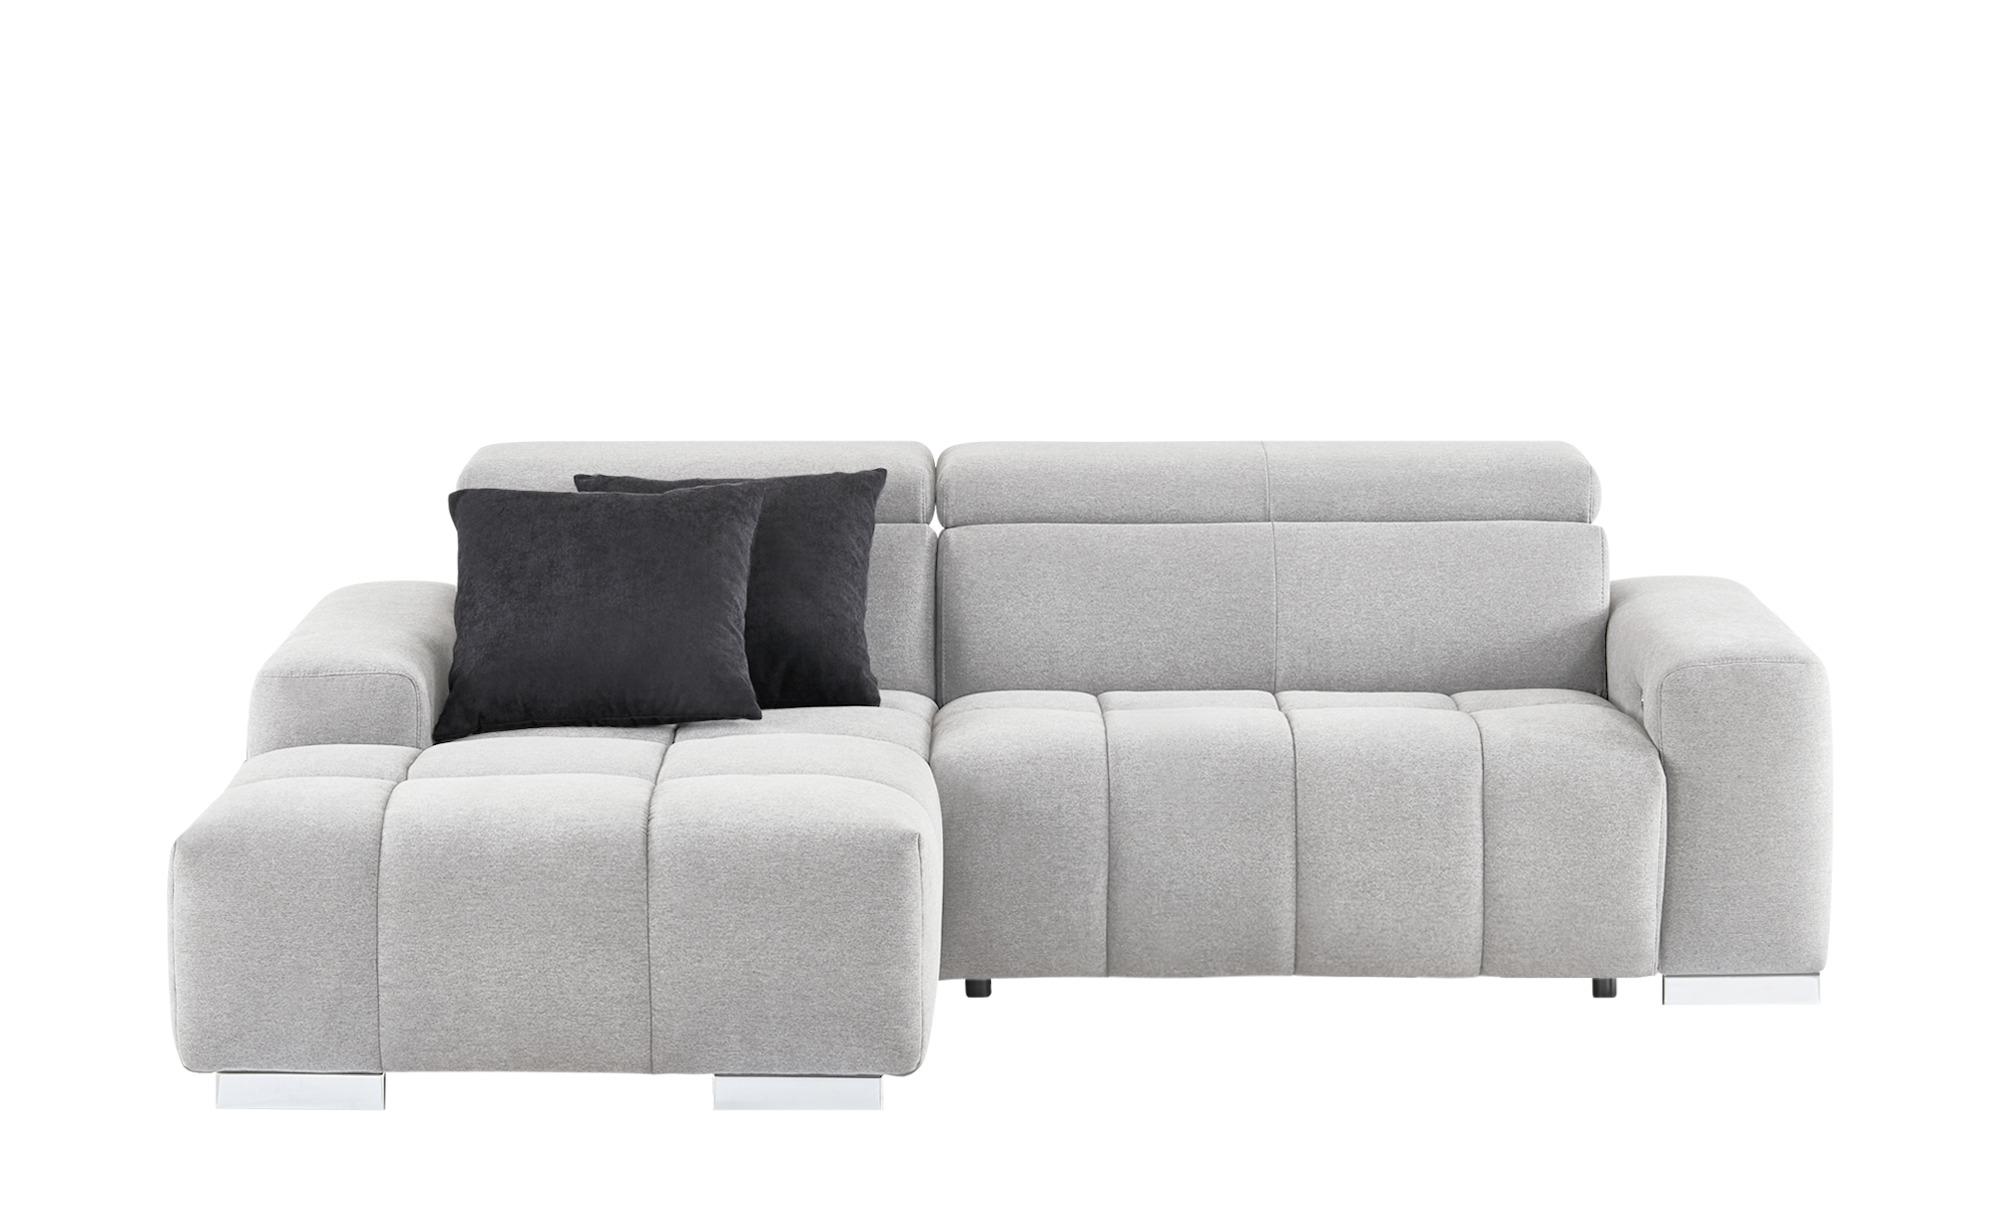 stoff eckcouch mailo breite h he 82 cm grau online kaufen bei woonio. Black Bedroom Furniture Sets. Home Design Ideas